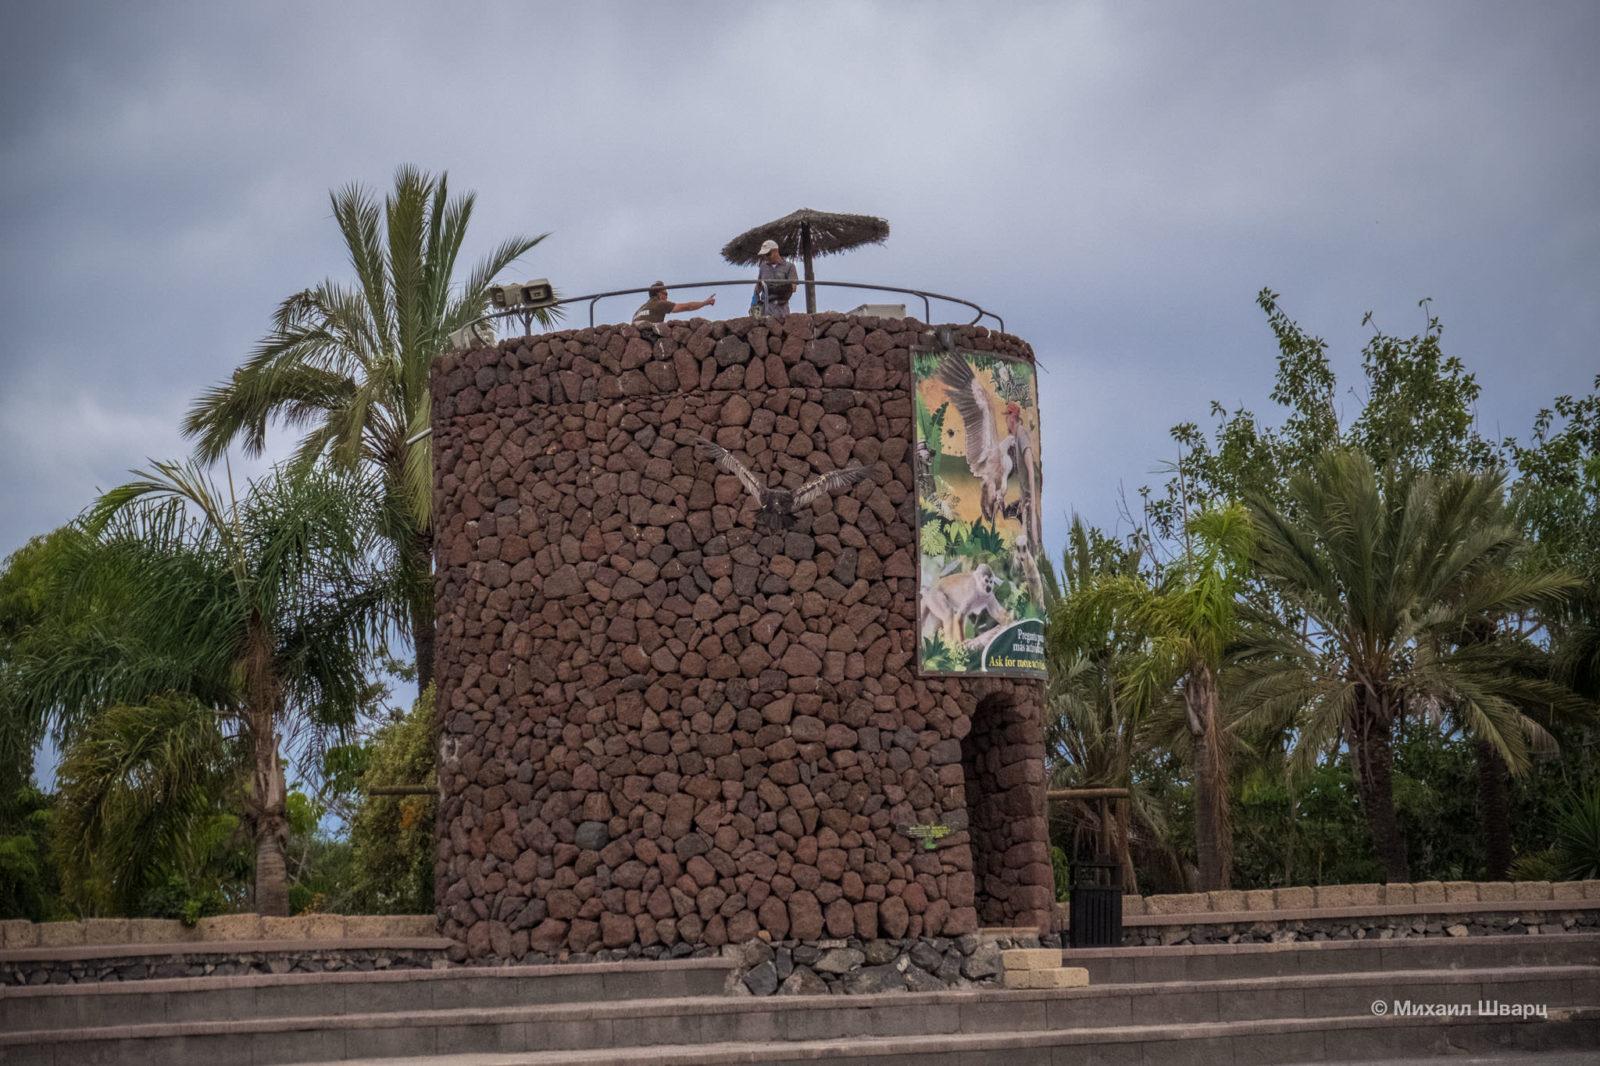 Башня, с которой запускают крупных птиц